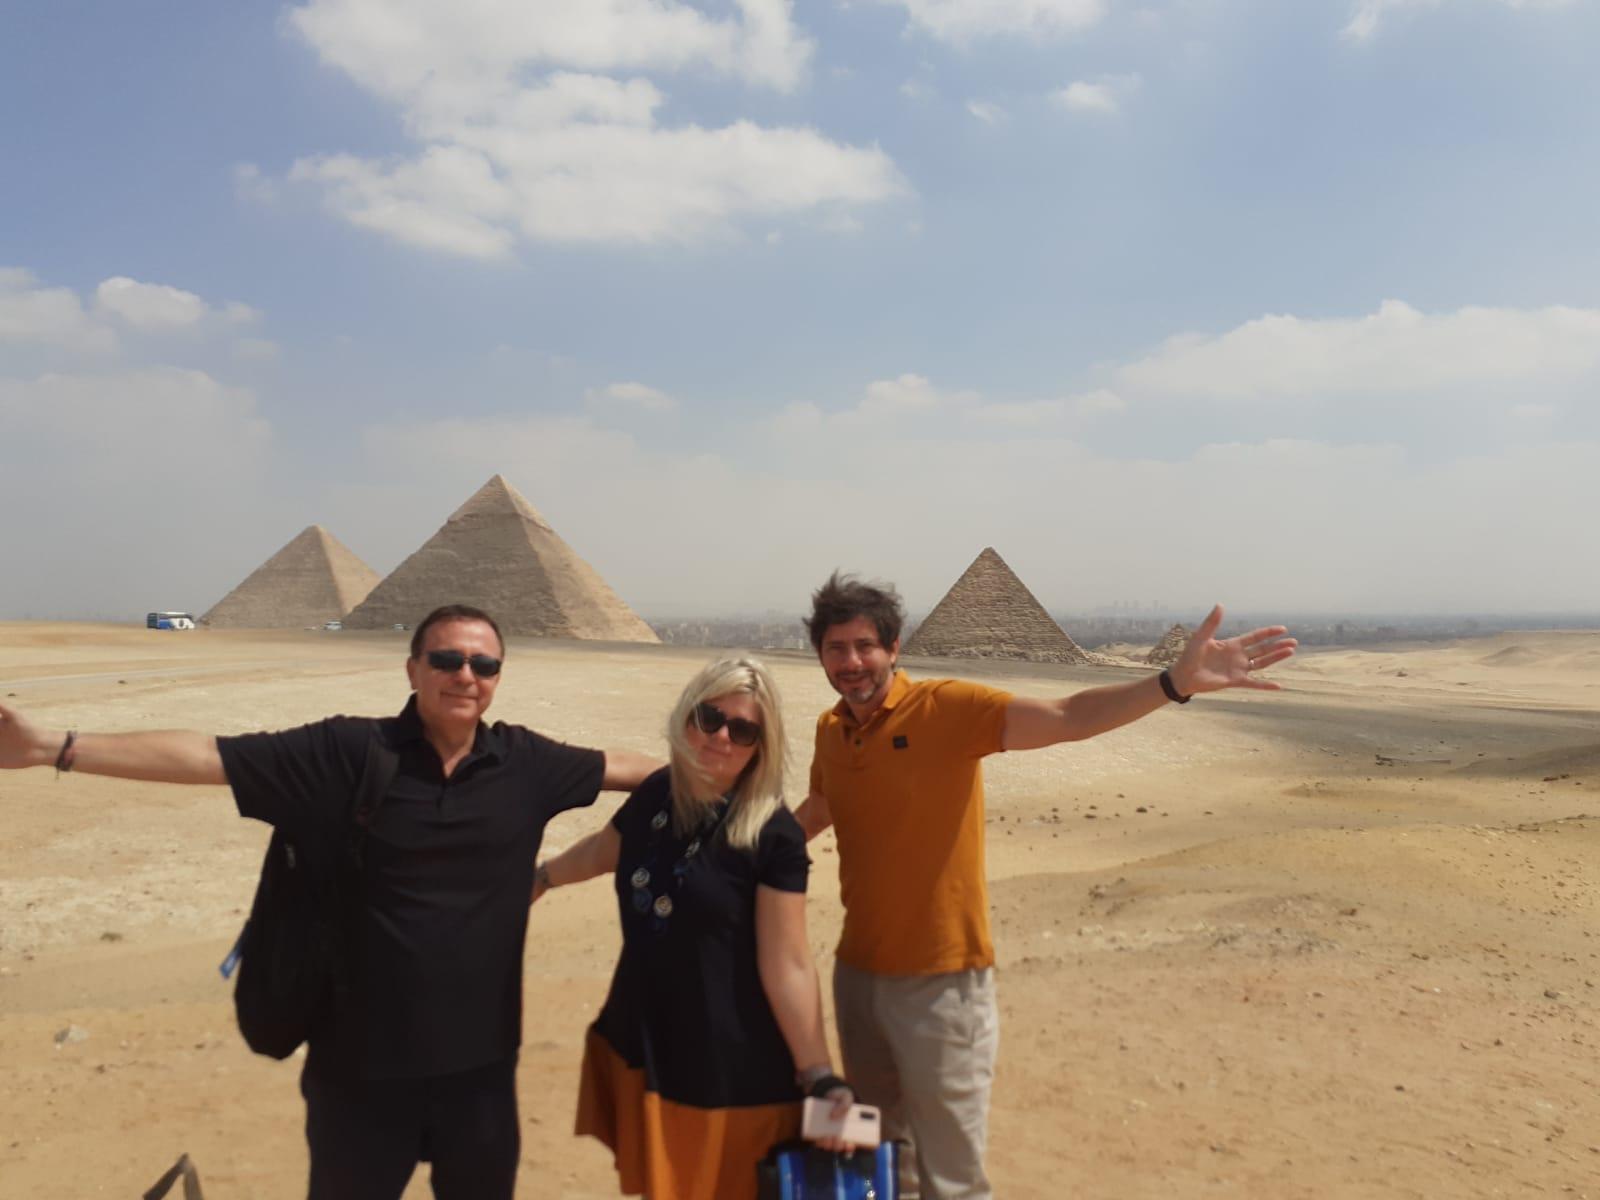 الأهرامات والمتحف المصري يستقبلان أعضاء من الاتحاد من أجل المتوسط